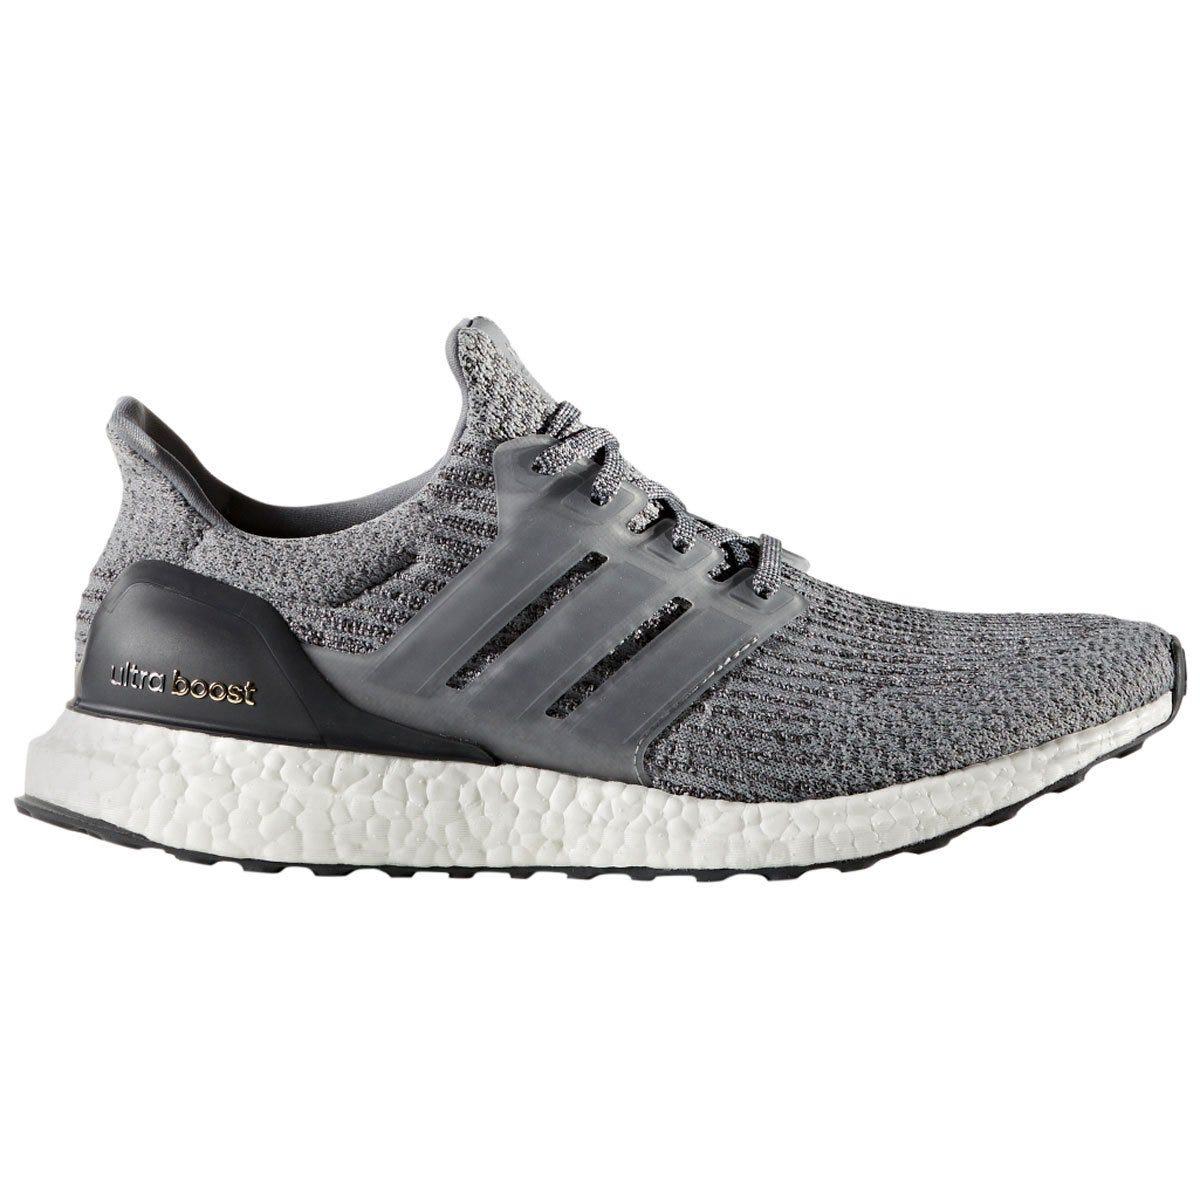 Adidas Ultra Boost Men's Running Shoes - Gray/Dark Gray/Solid Gray